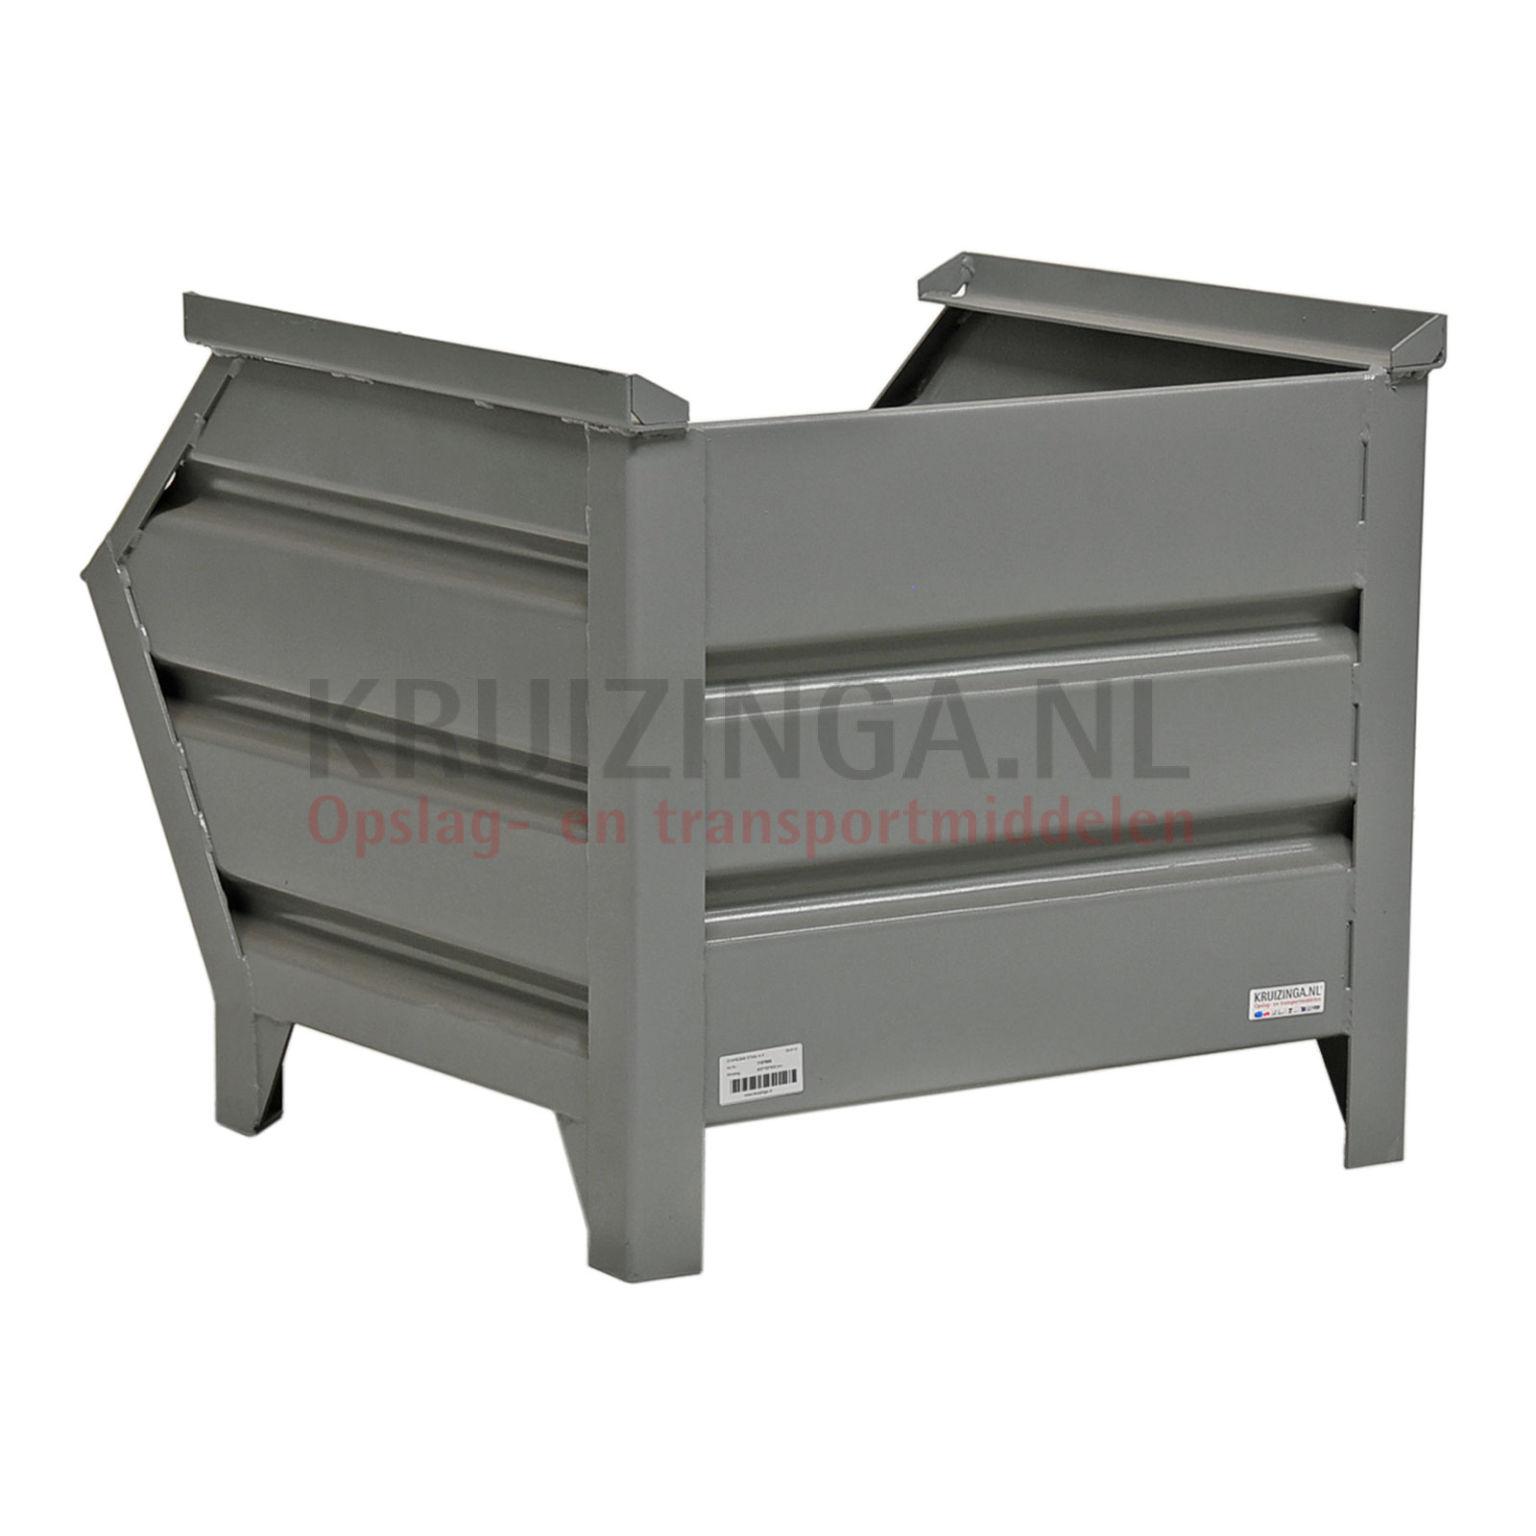 bac de rangement acier construction robuste bac empilable poign e inclin partir de 140. Black Bedroom Furniture Sets. Home Design Ideas